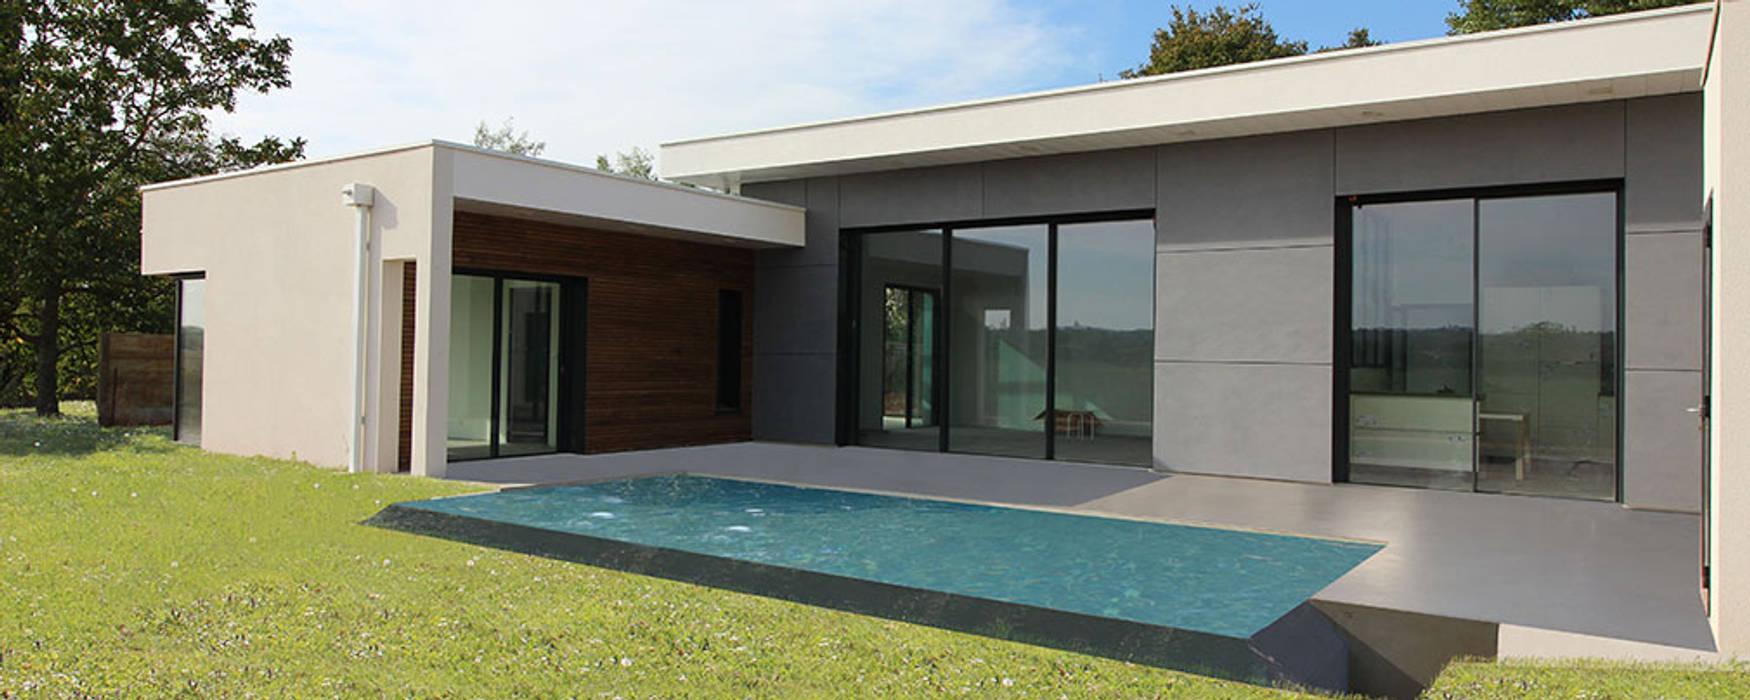 Maison contemporaine mix de matériaux – façade sud avec ...